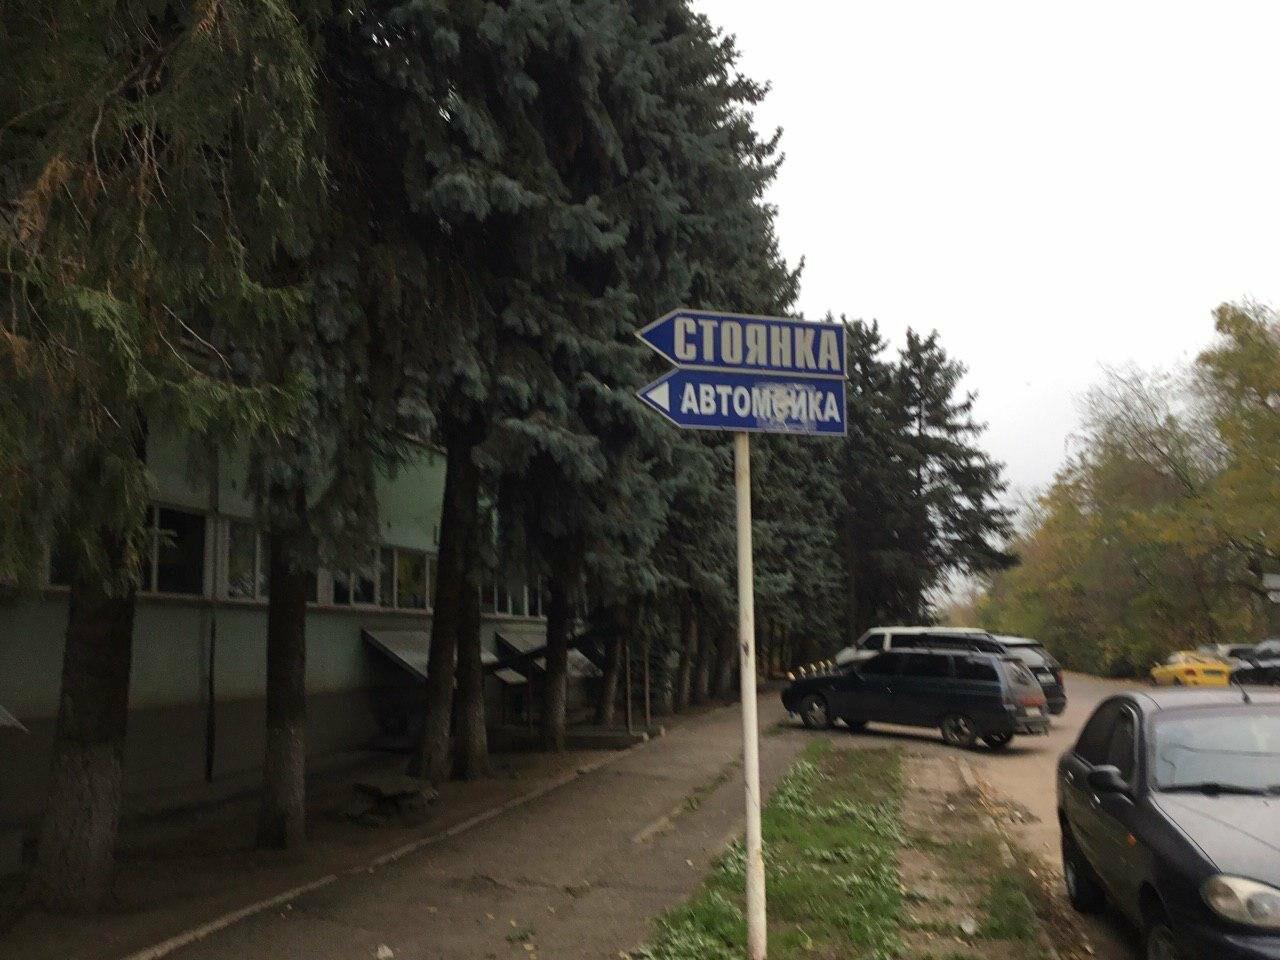 Депутат: в центре Кривого Рога 15 лет незаконно используют участок земли, - ФОТО, ВИДЕО, фото-38